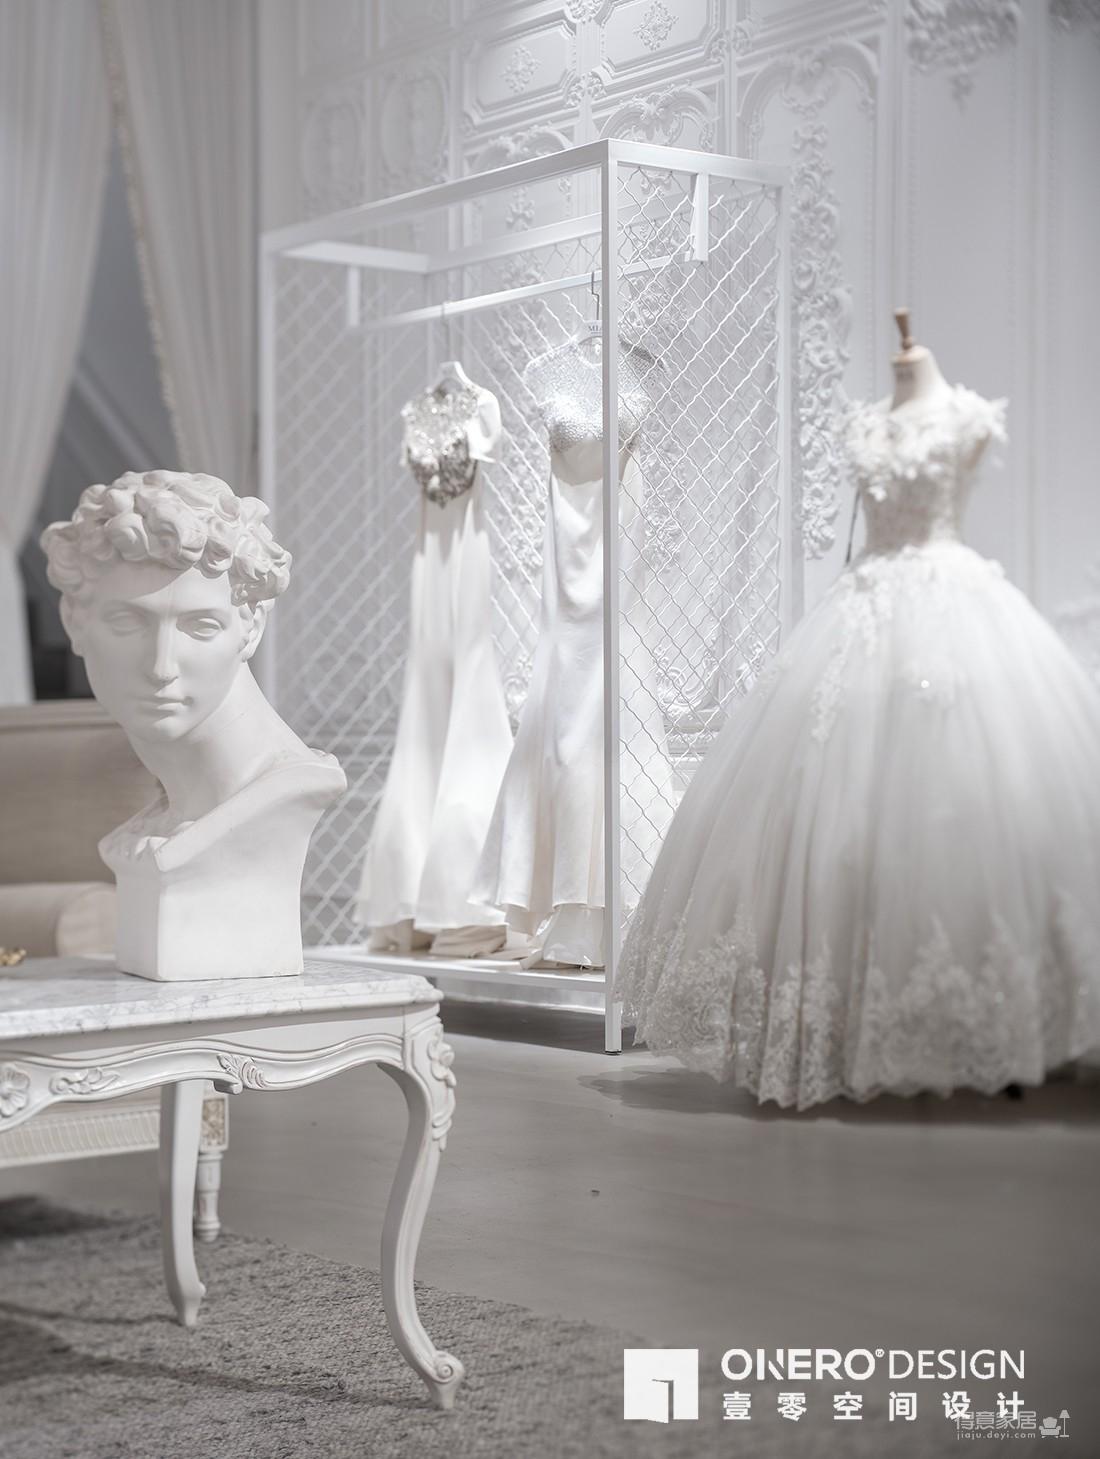 法式庄园里的高定婚纱店,女生心驰神往的精致优雅空间!图_7